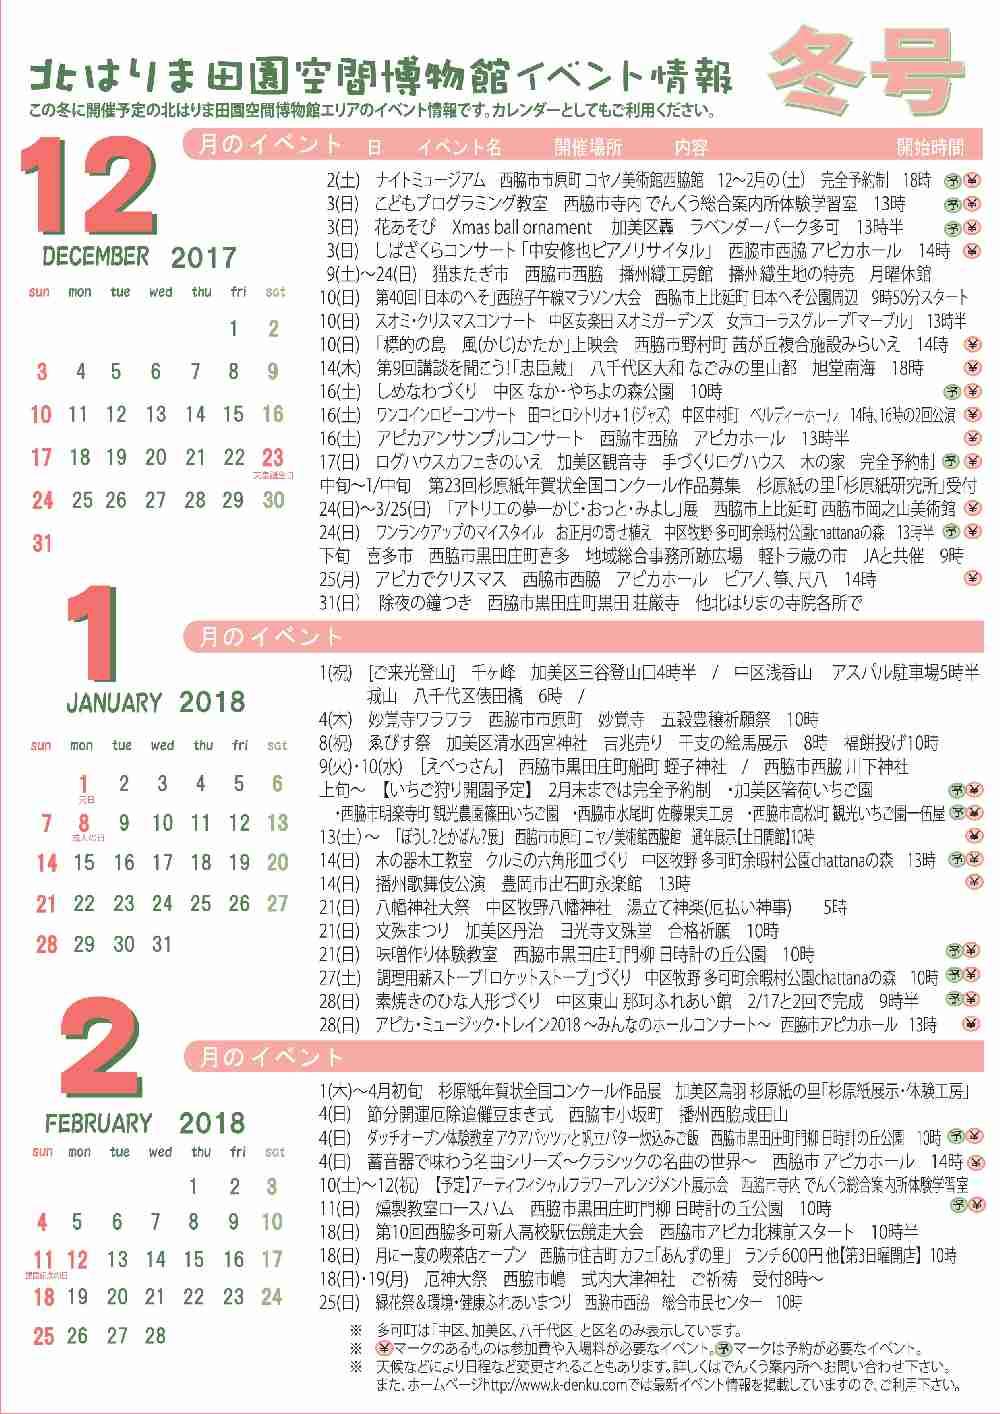 2017ー18冬の見てみてガイド&イベントカレンダー